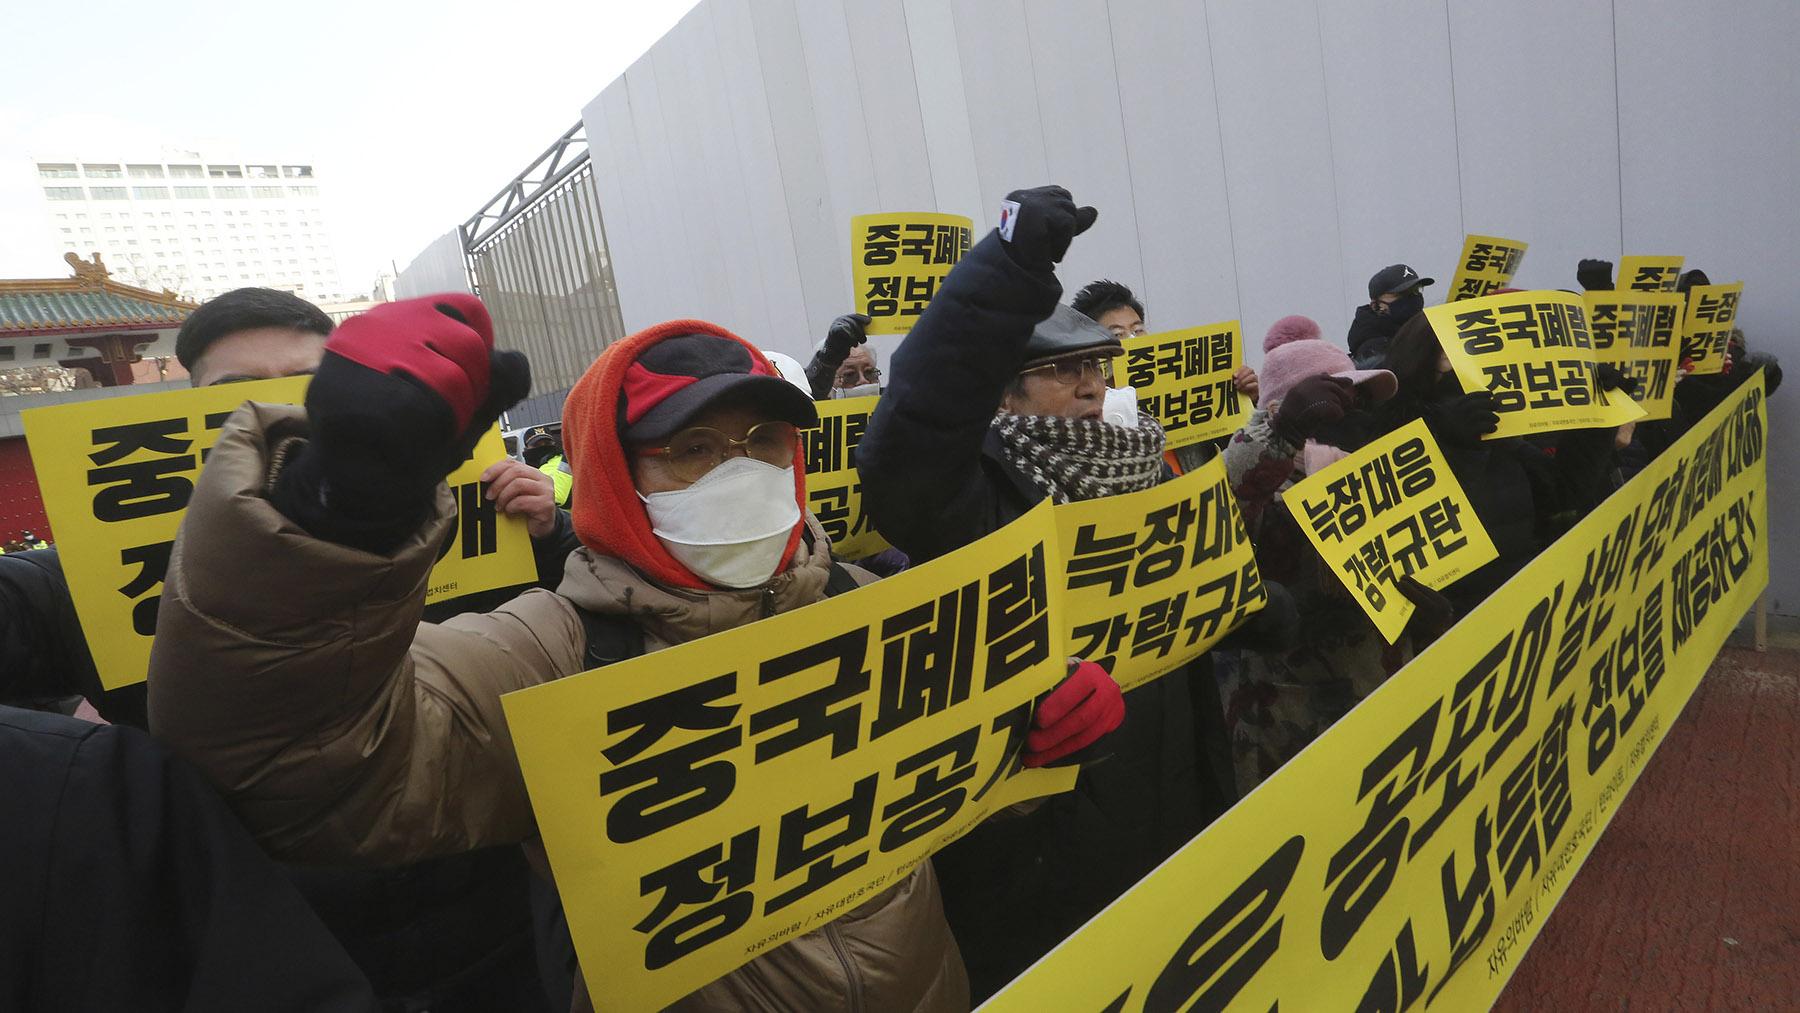 韩国民众抗议要求封关以防范武汉肺炎传播。(美联社)